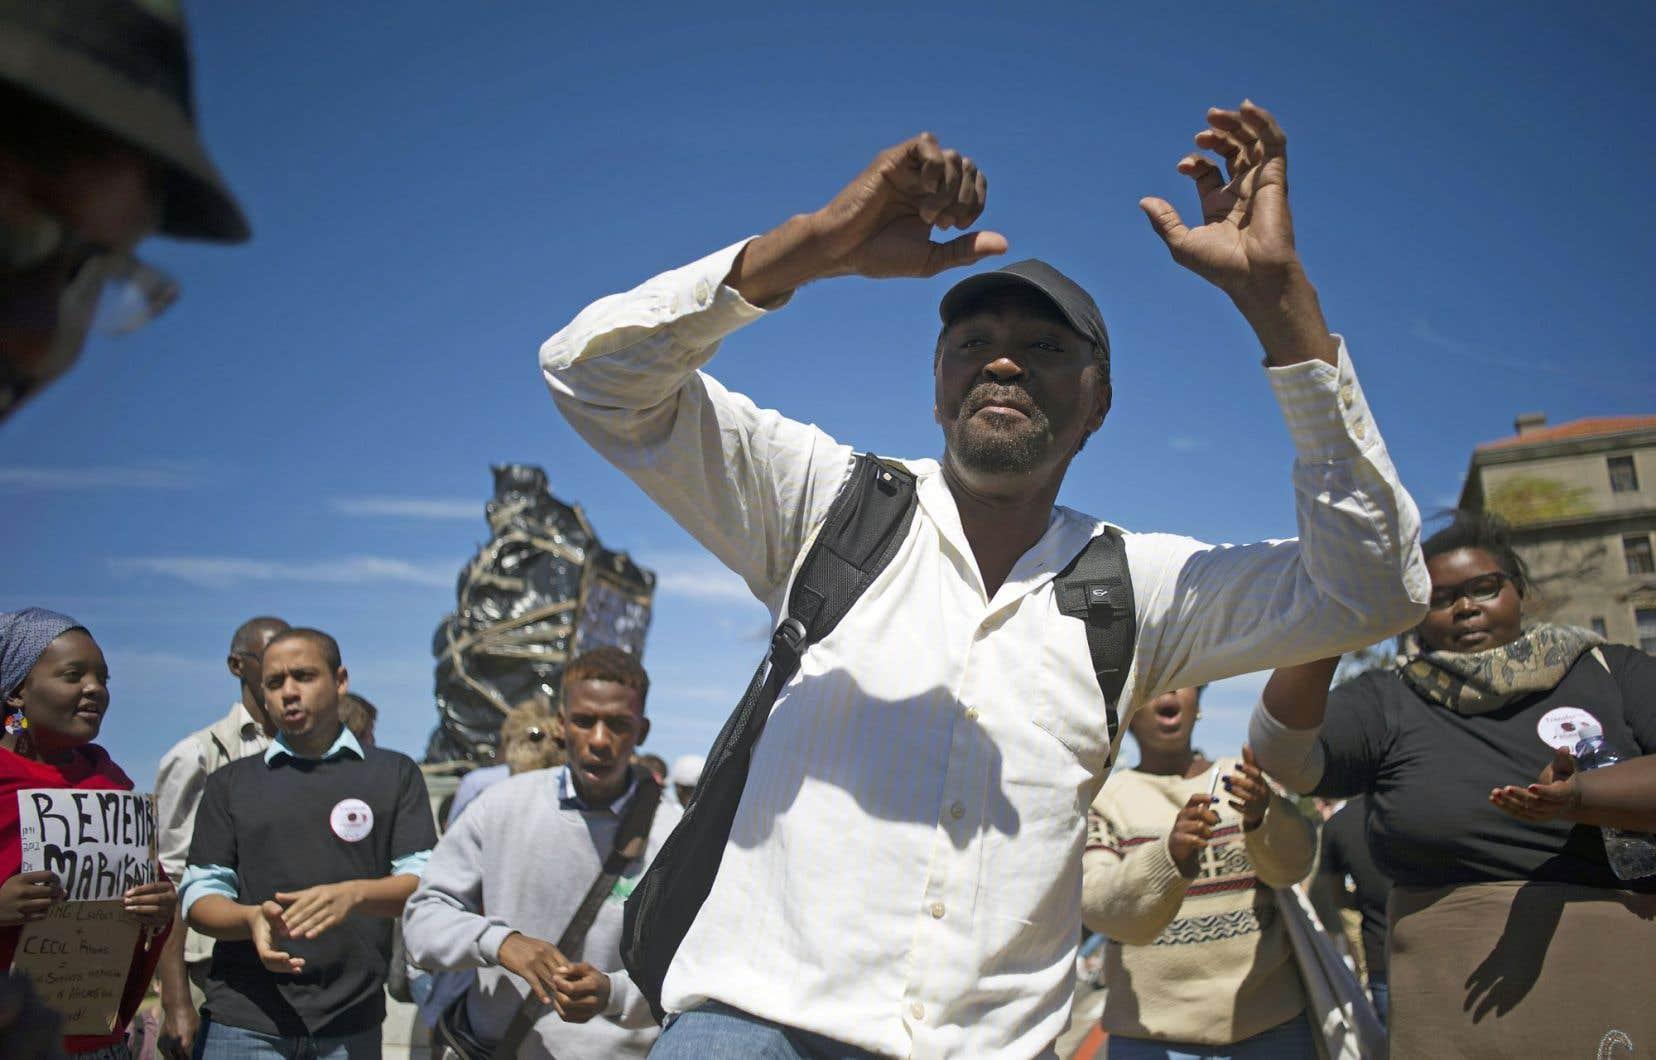 Des étudiants et employés de l'Université du Cap se sont rassemblés, vendredi, devant la statue qu'ils ont recouverte de sacs de plastique et de messages (à l'arrière-plan).